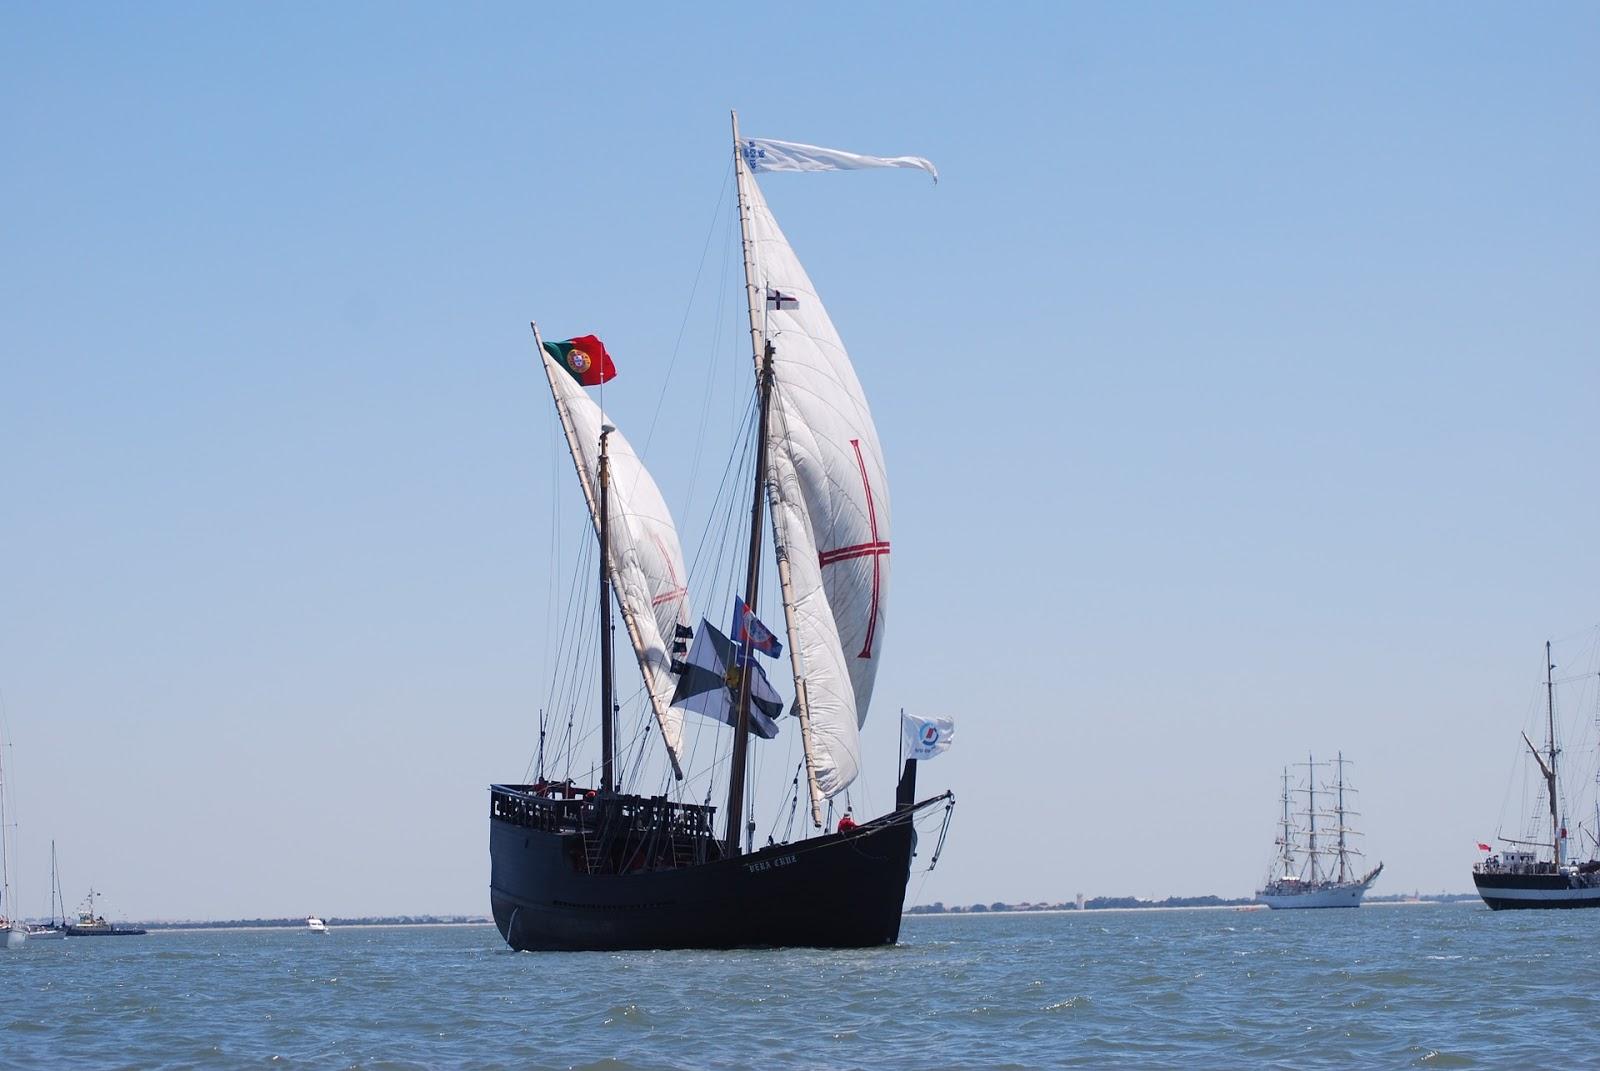 Grandes navegações: saiba tudo sobre esse período | Stoodi